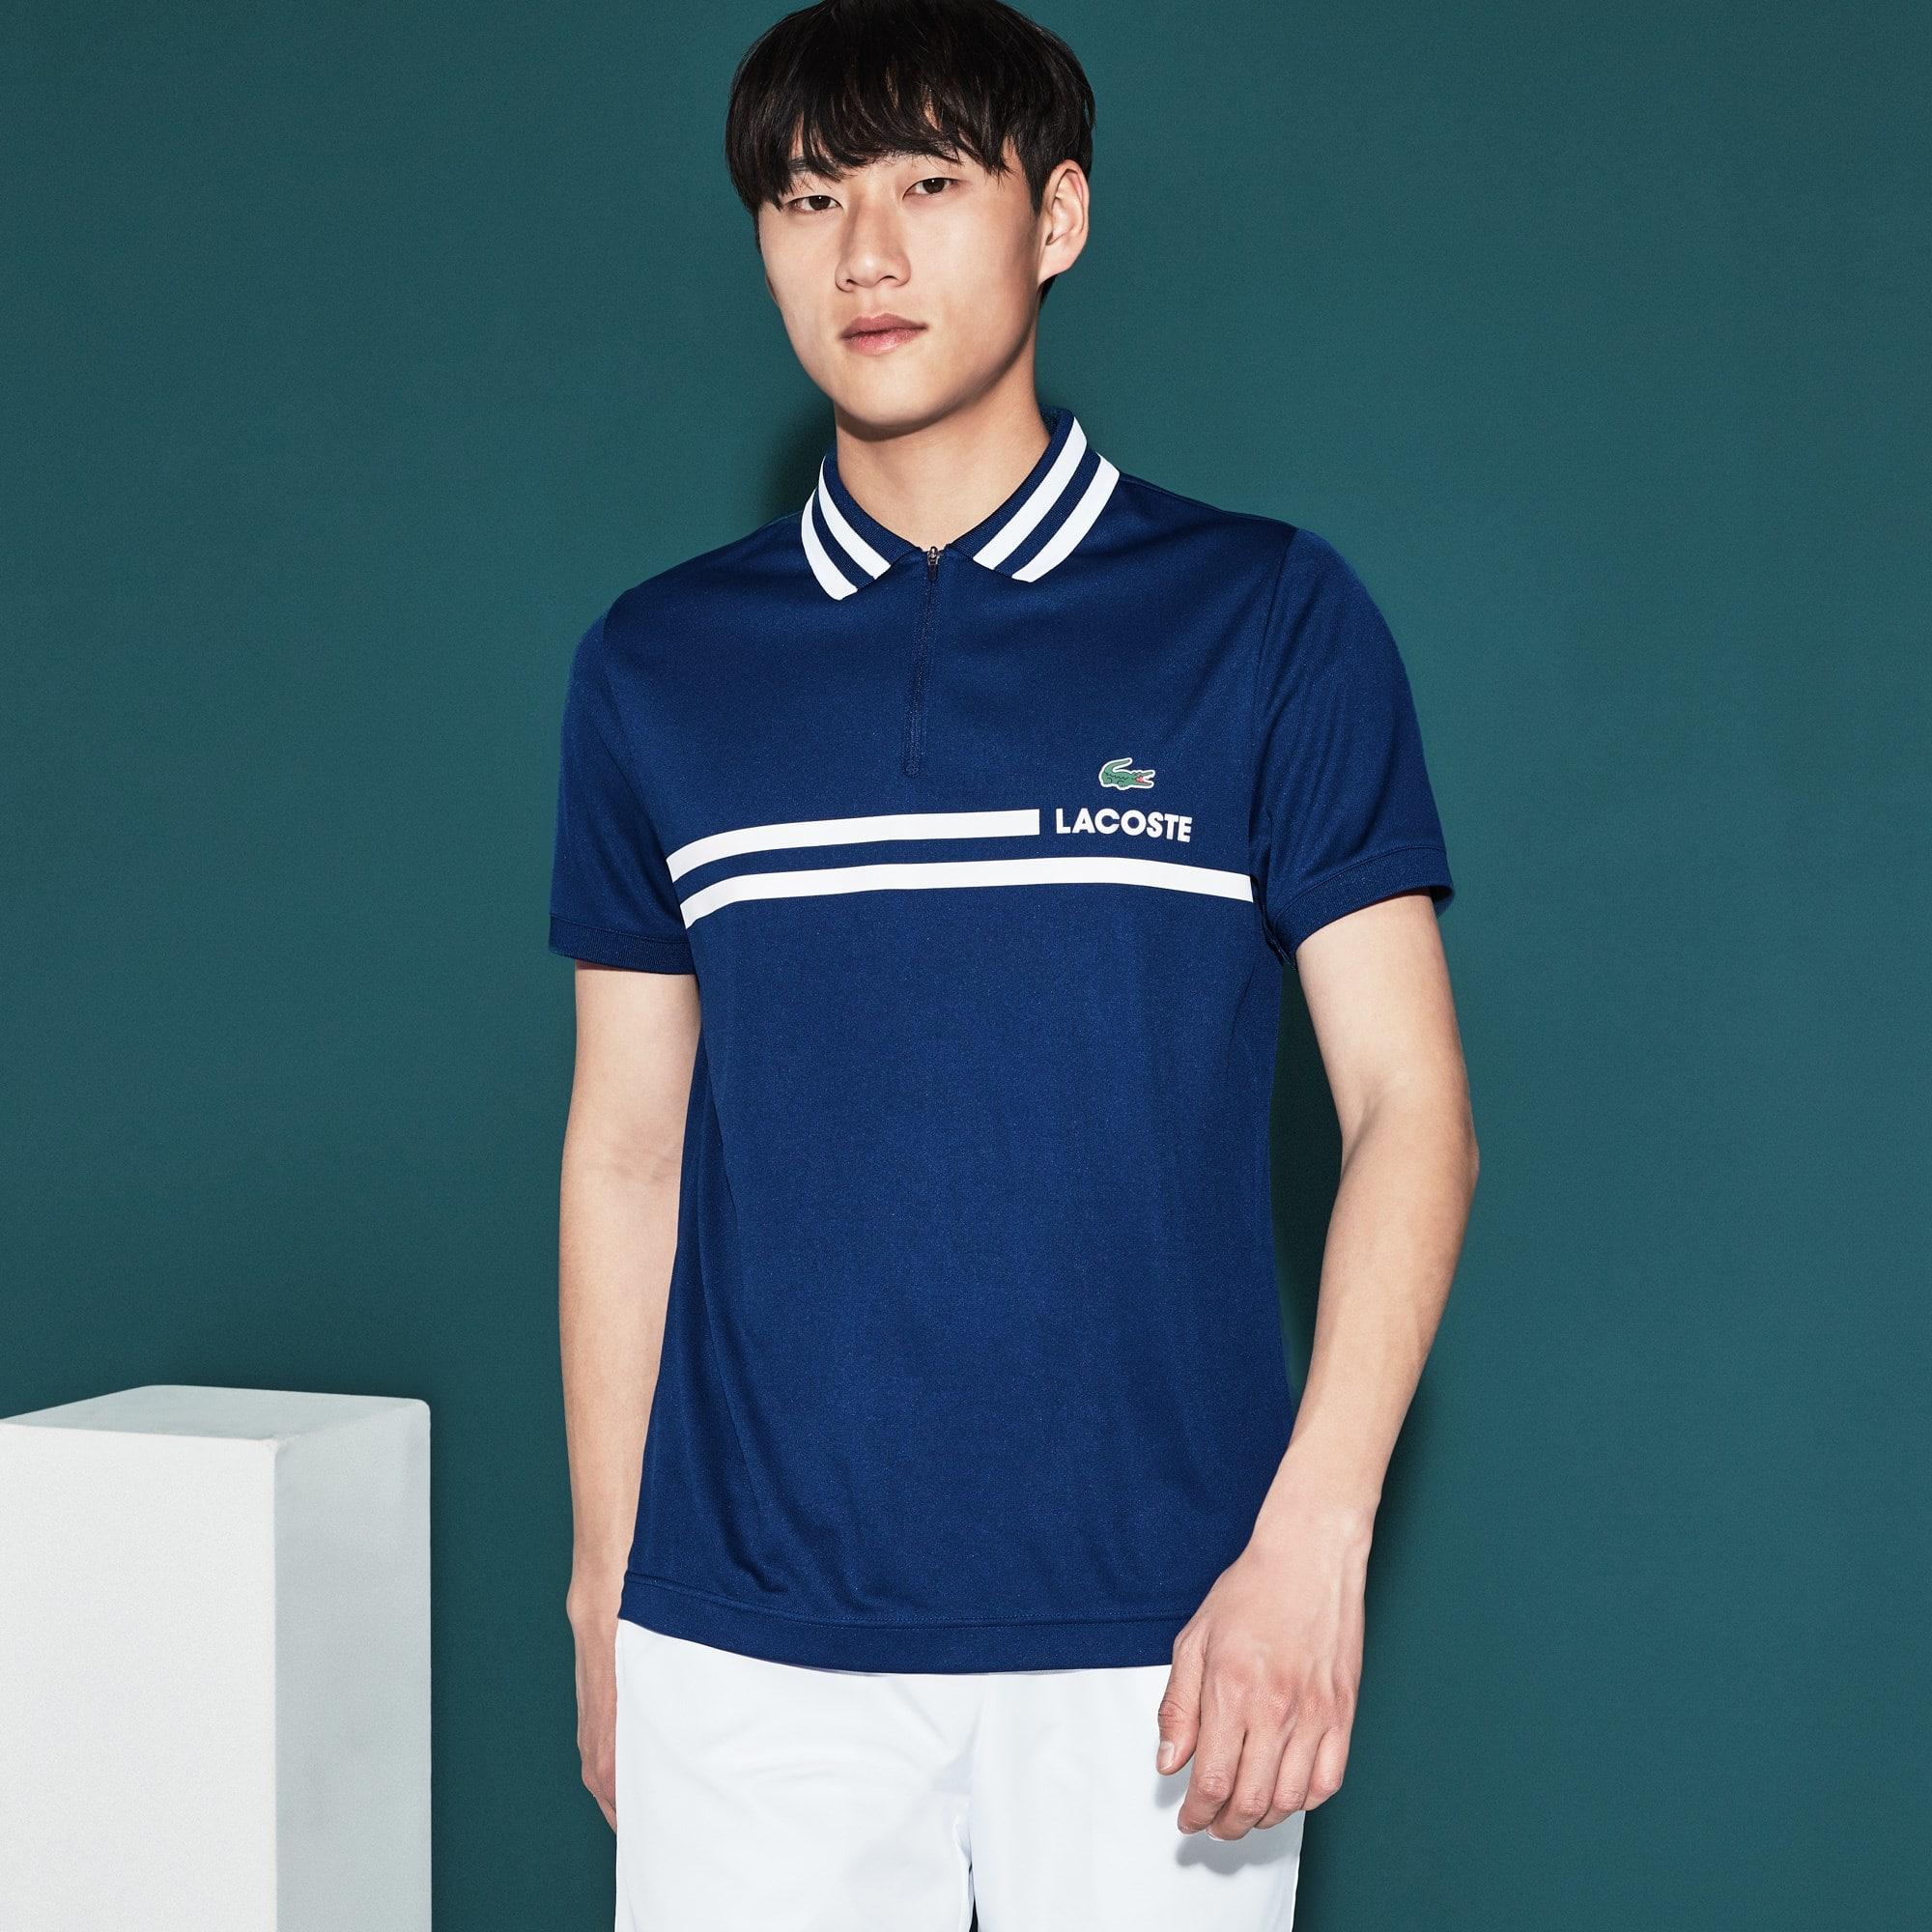 Herren LACOSTE SPORT Tennis-Poloshirt mit Kontraststreifen